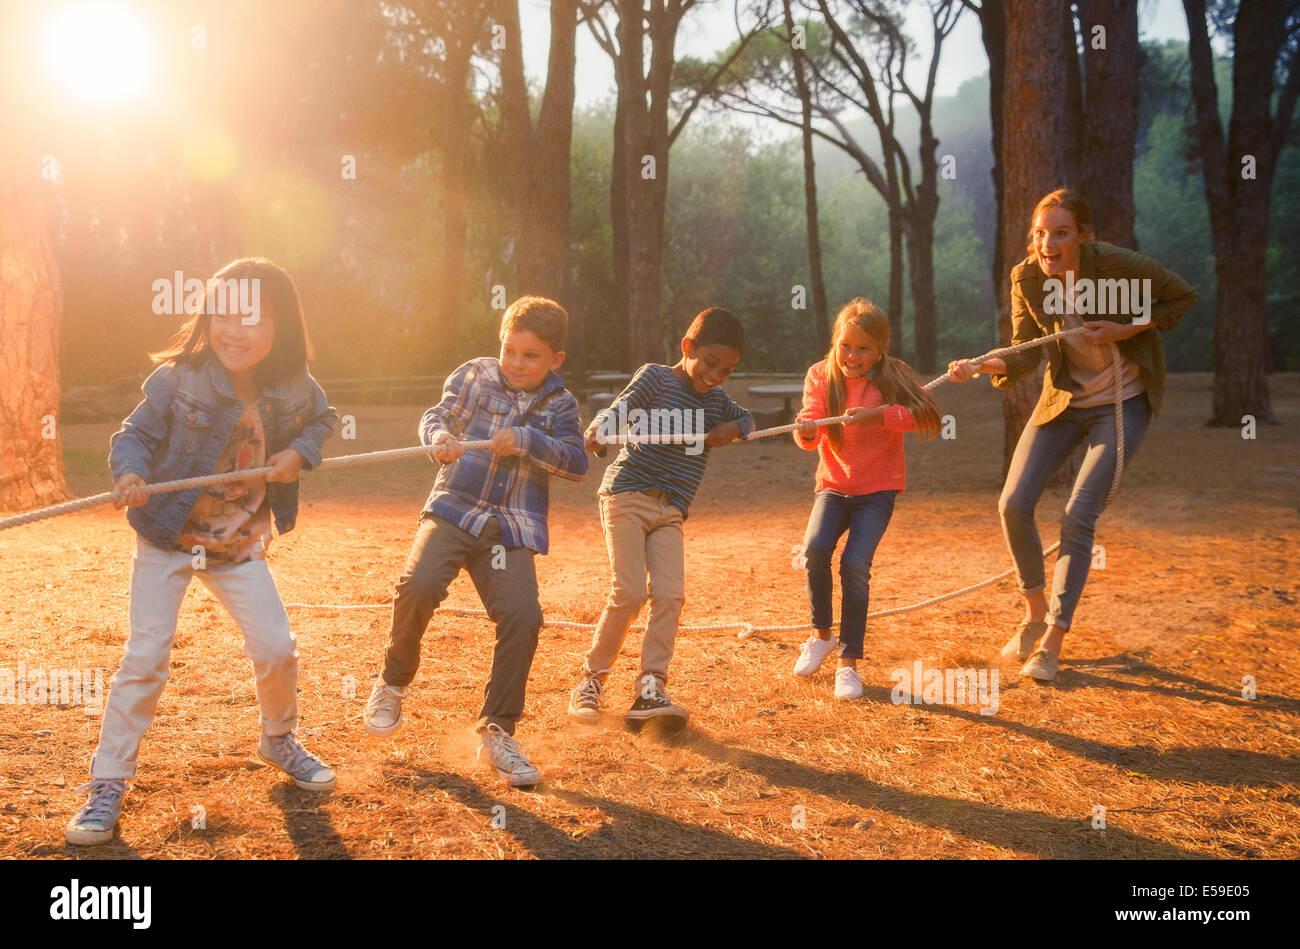 Studenti e insegnanti giocando rimorchiatore di guerra in foresta Immagini Stock